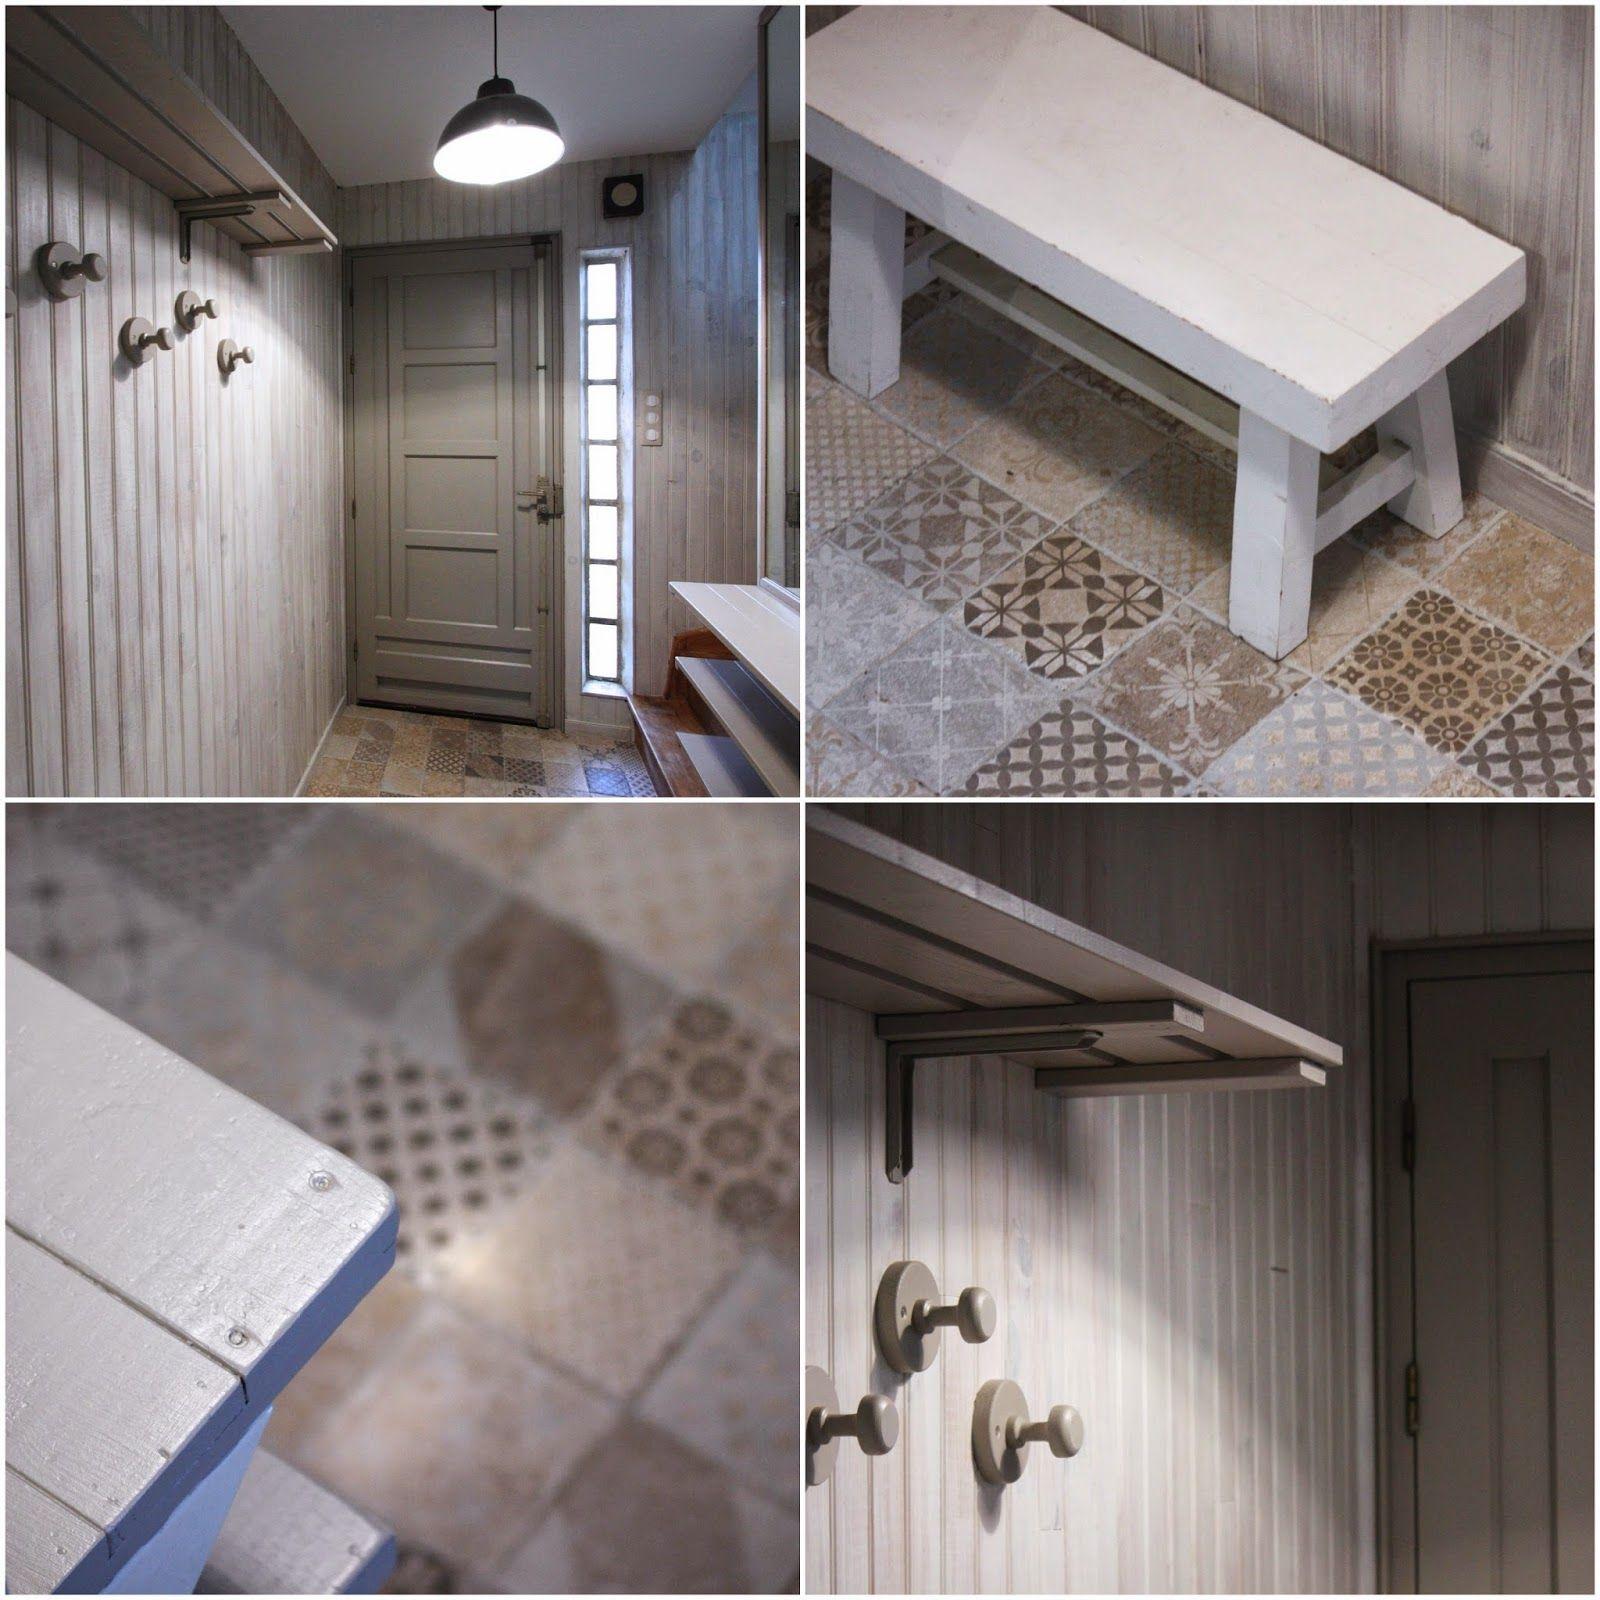 un nouveau regard avant apr s d 39 une entr e en lambris avec les peintures maison d co lambris. Black Bedroom Furniture Sets. Home Design Ideas